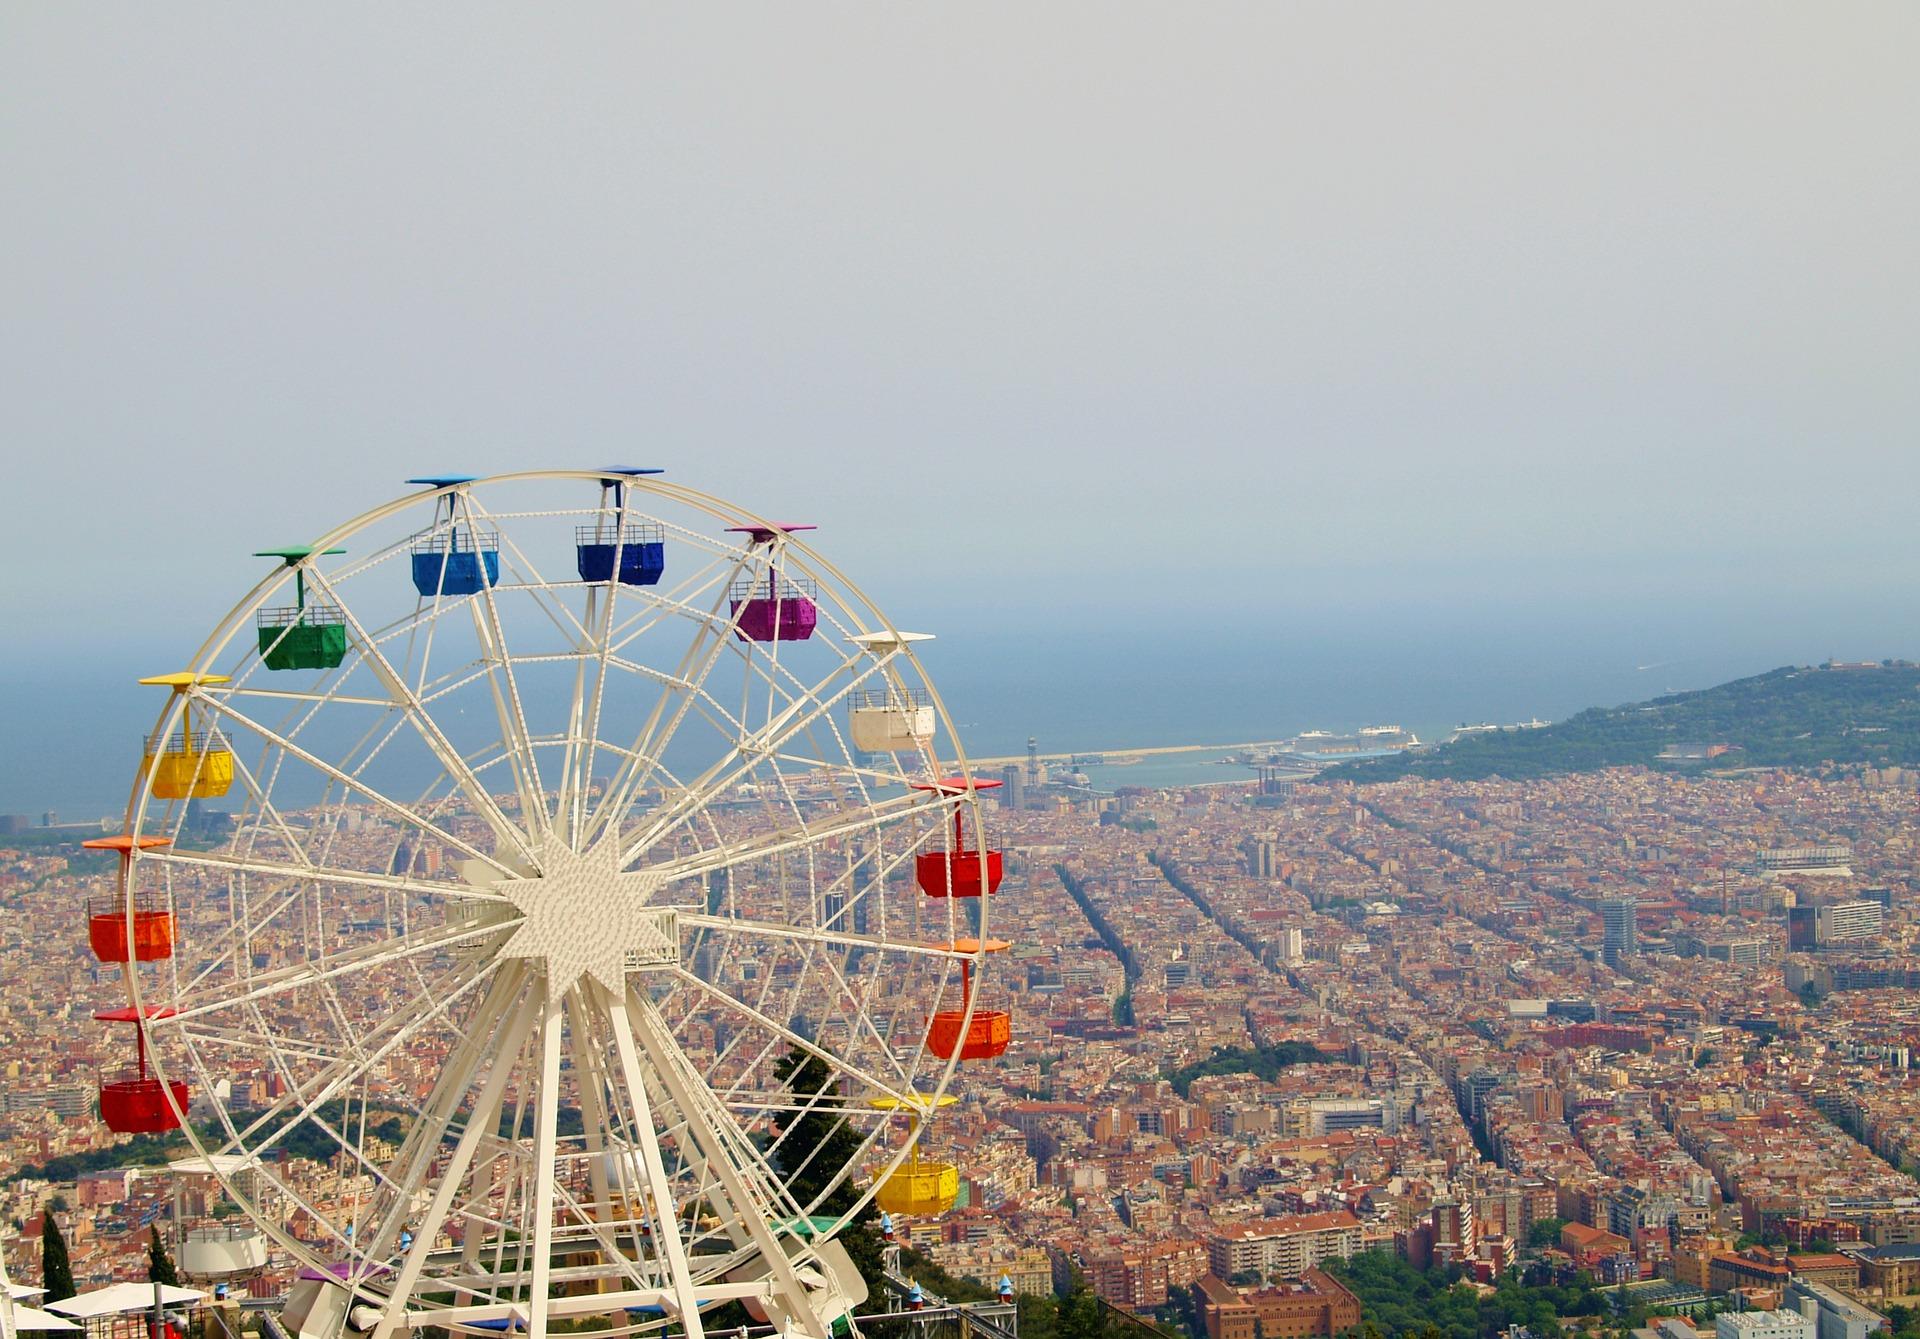 Seis passeios gratuitos em Barcelona para fazer com a família